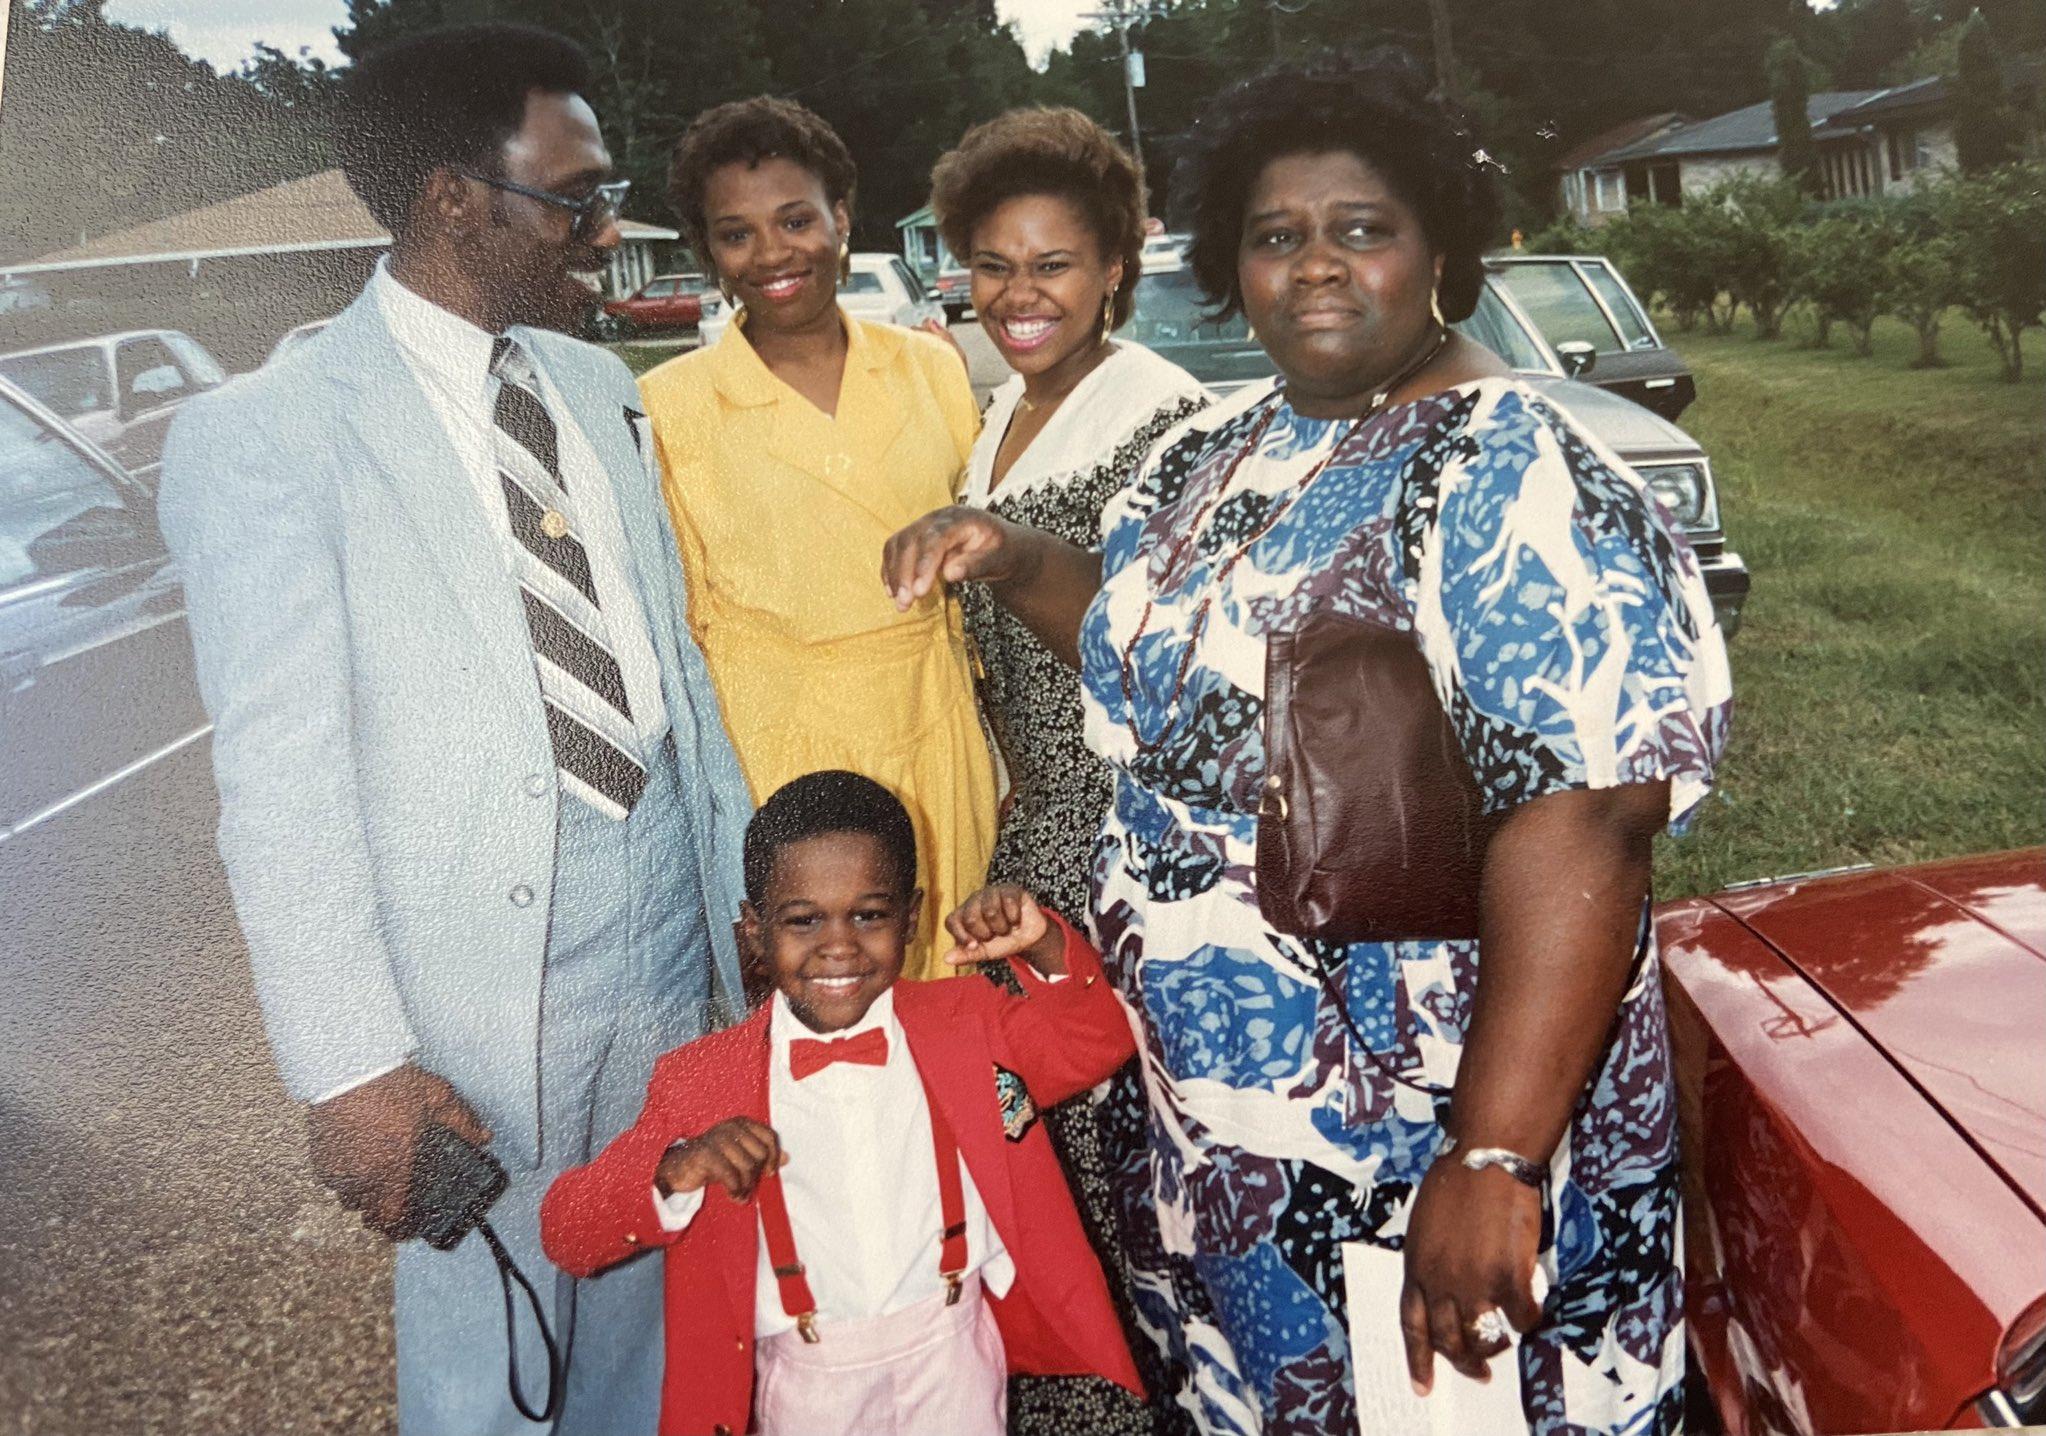 Natalie Desselle-Reid family